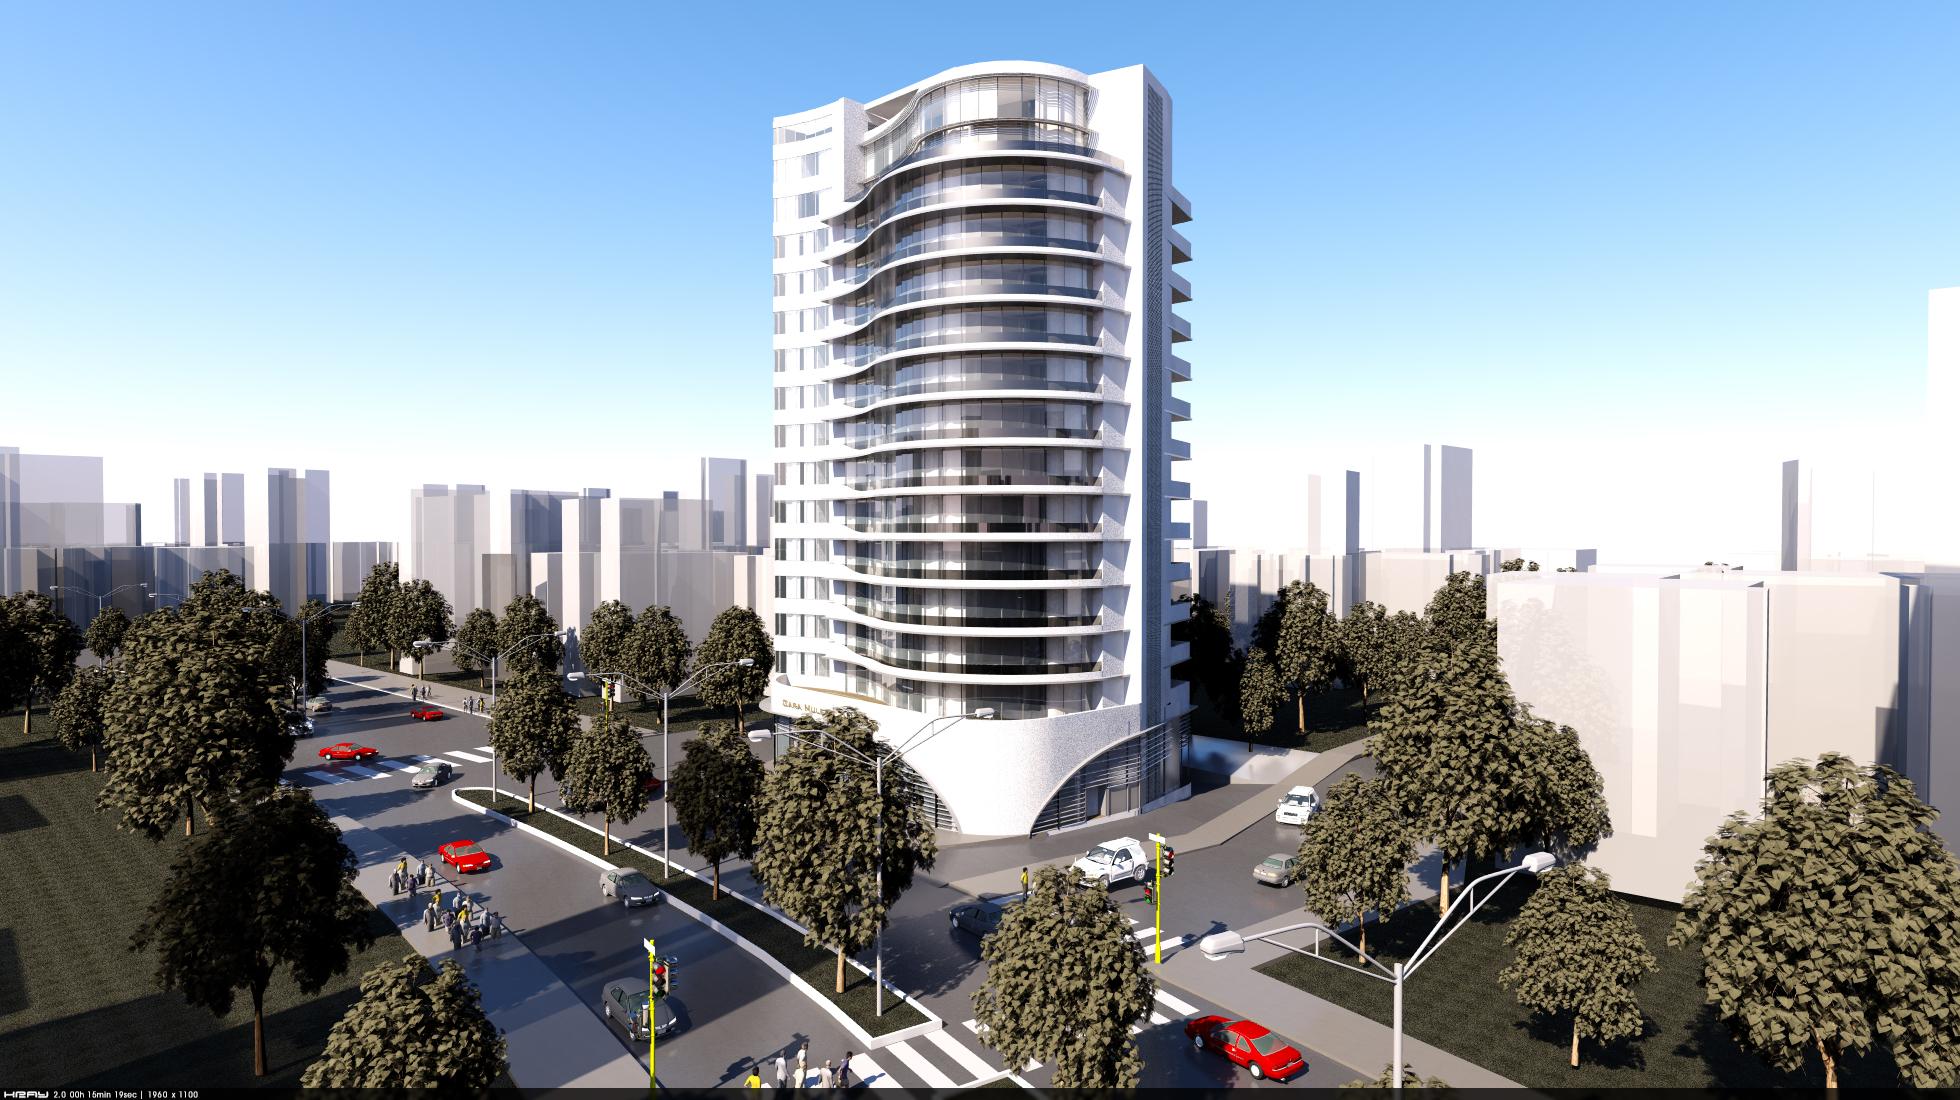 Garamuleta Building